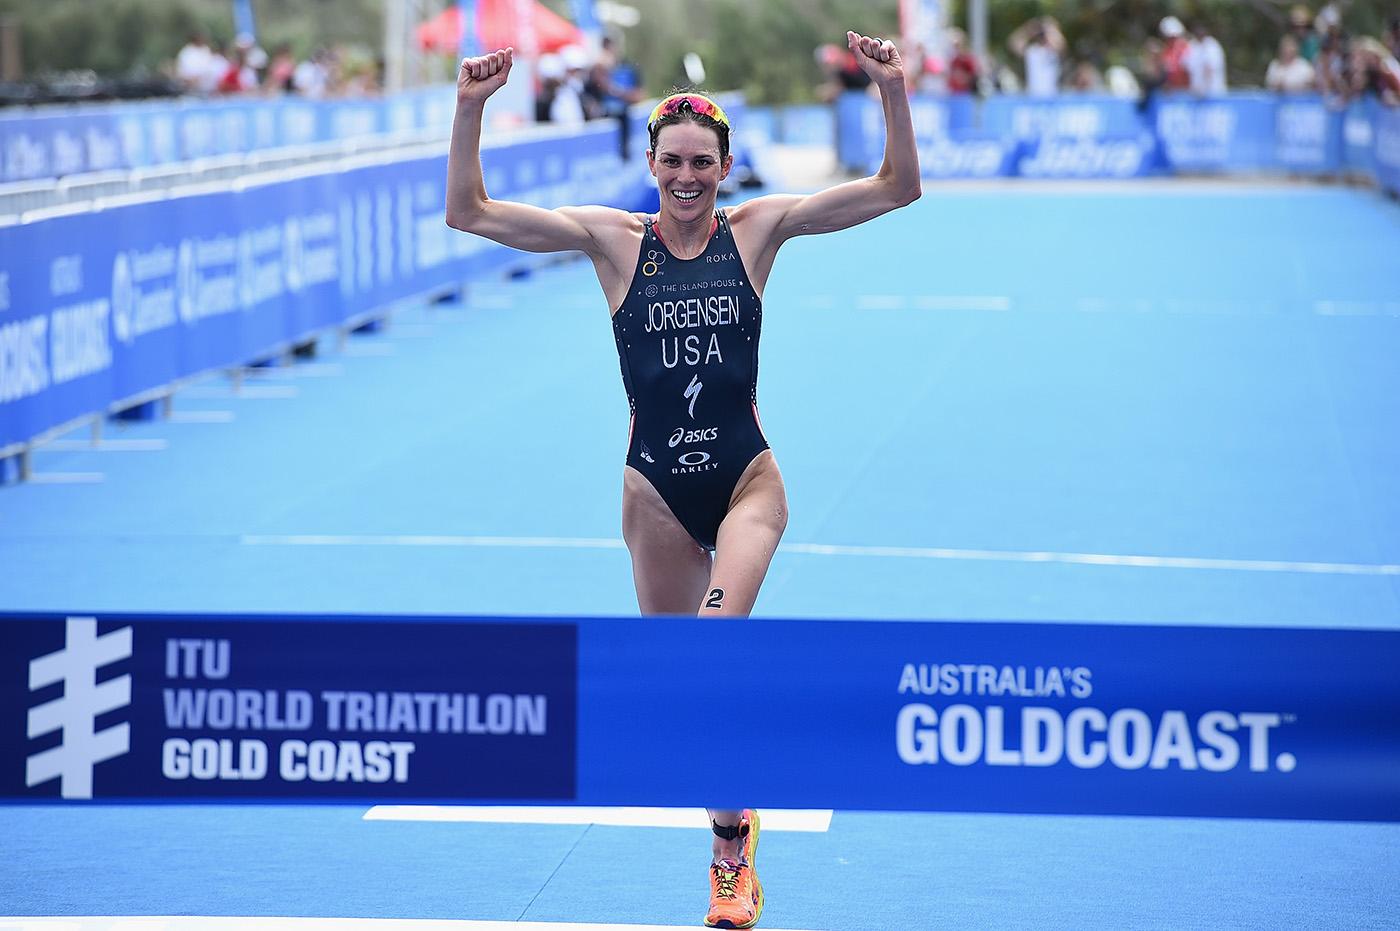 ITU Gold Coast